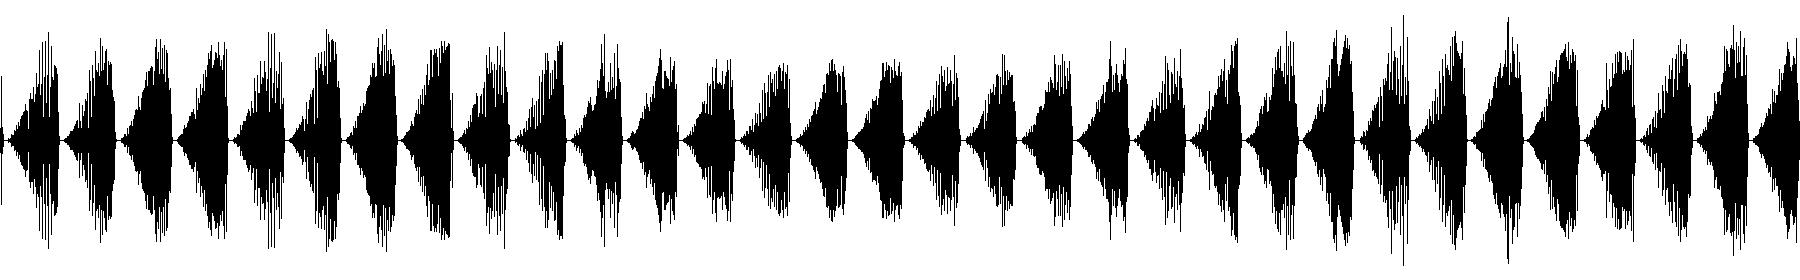 acidrain synth 125